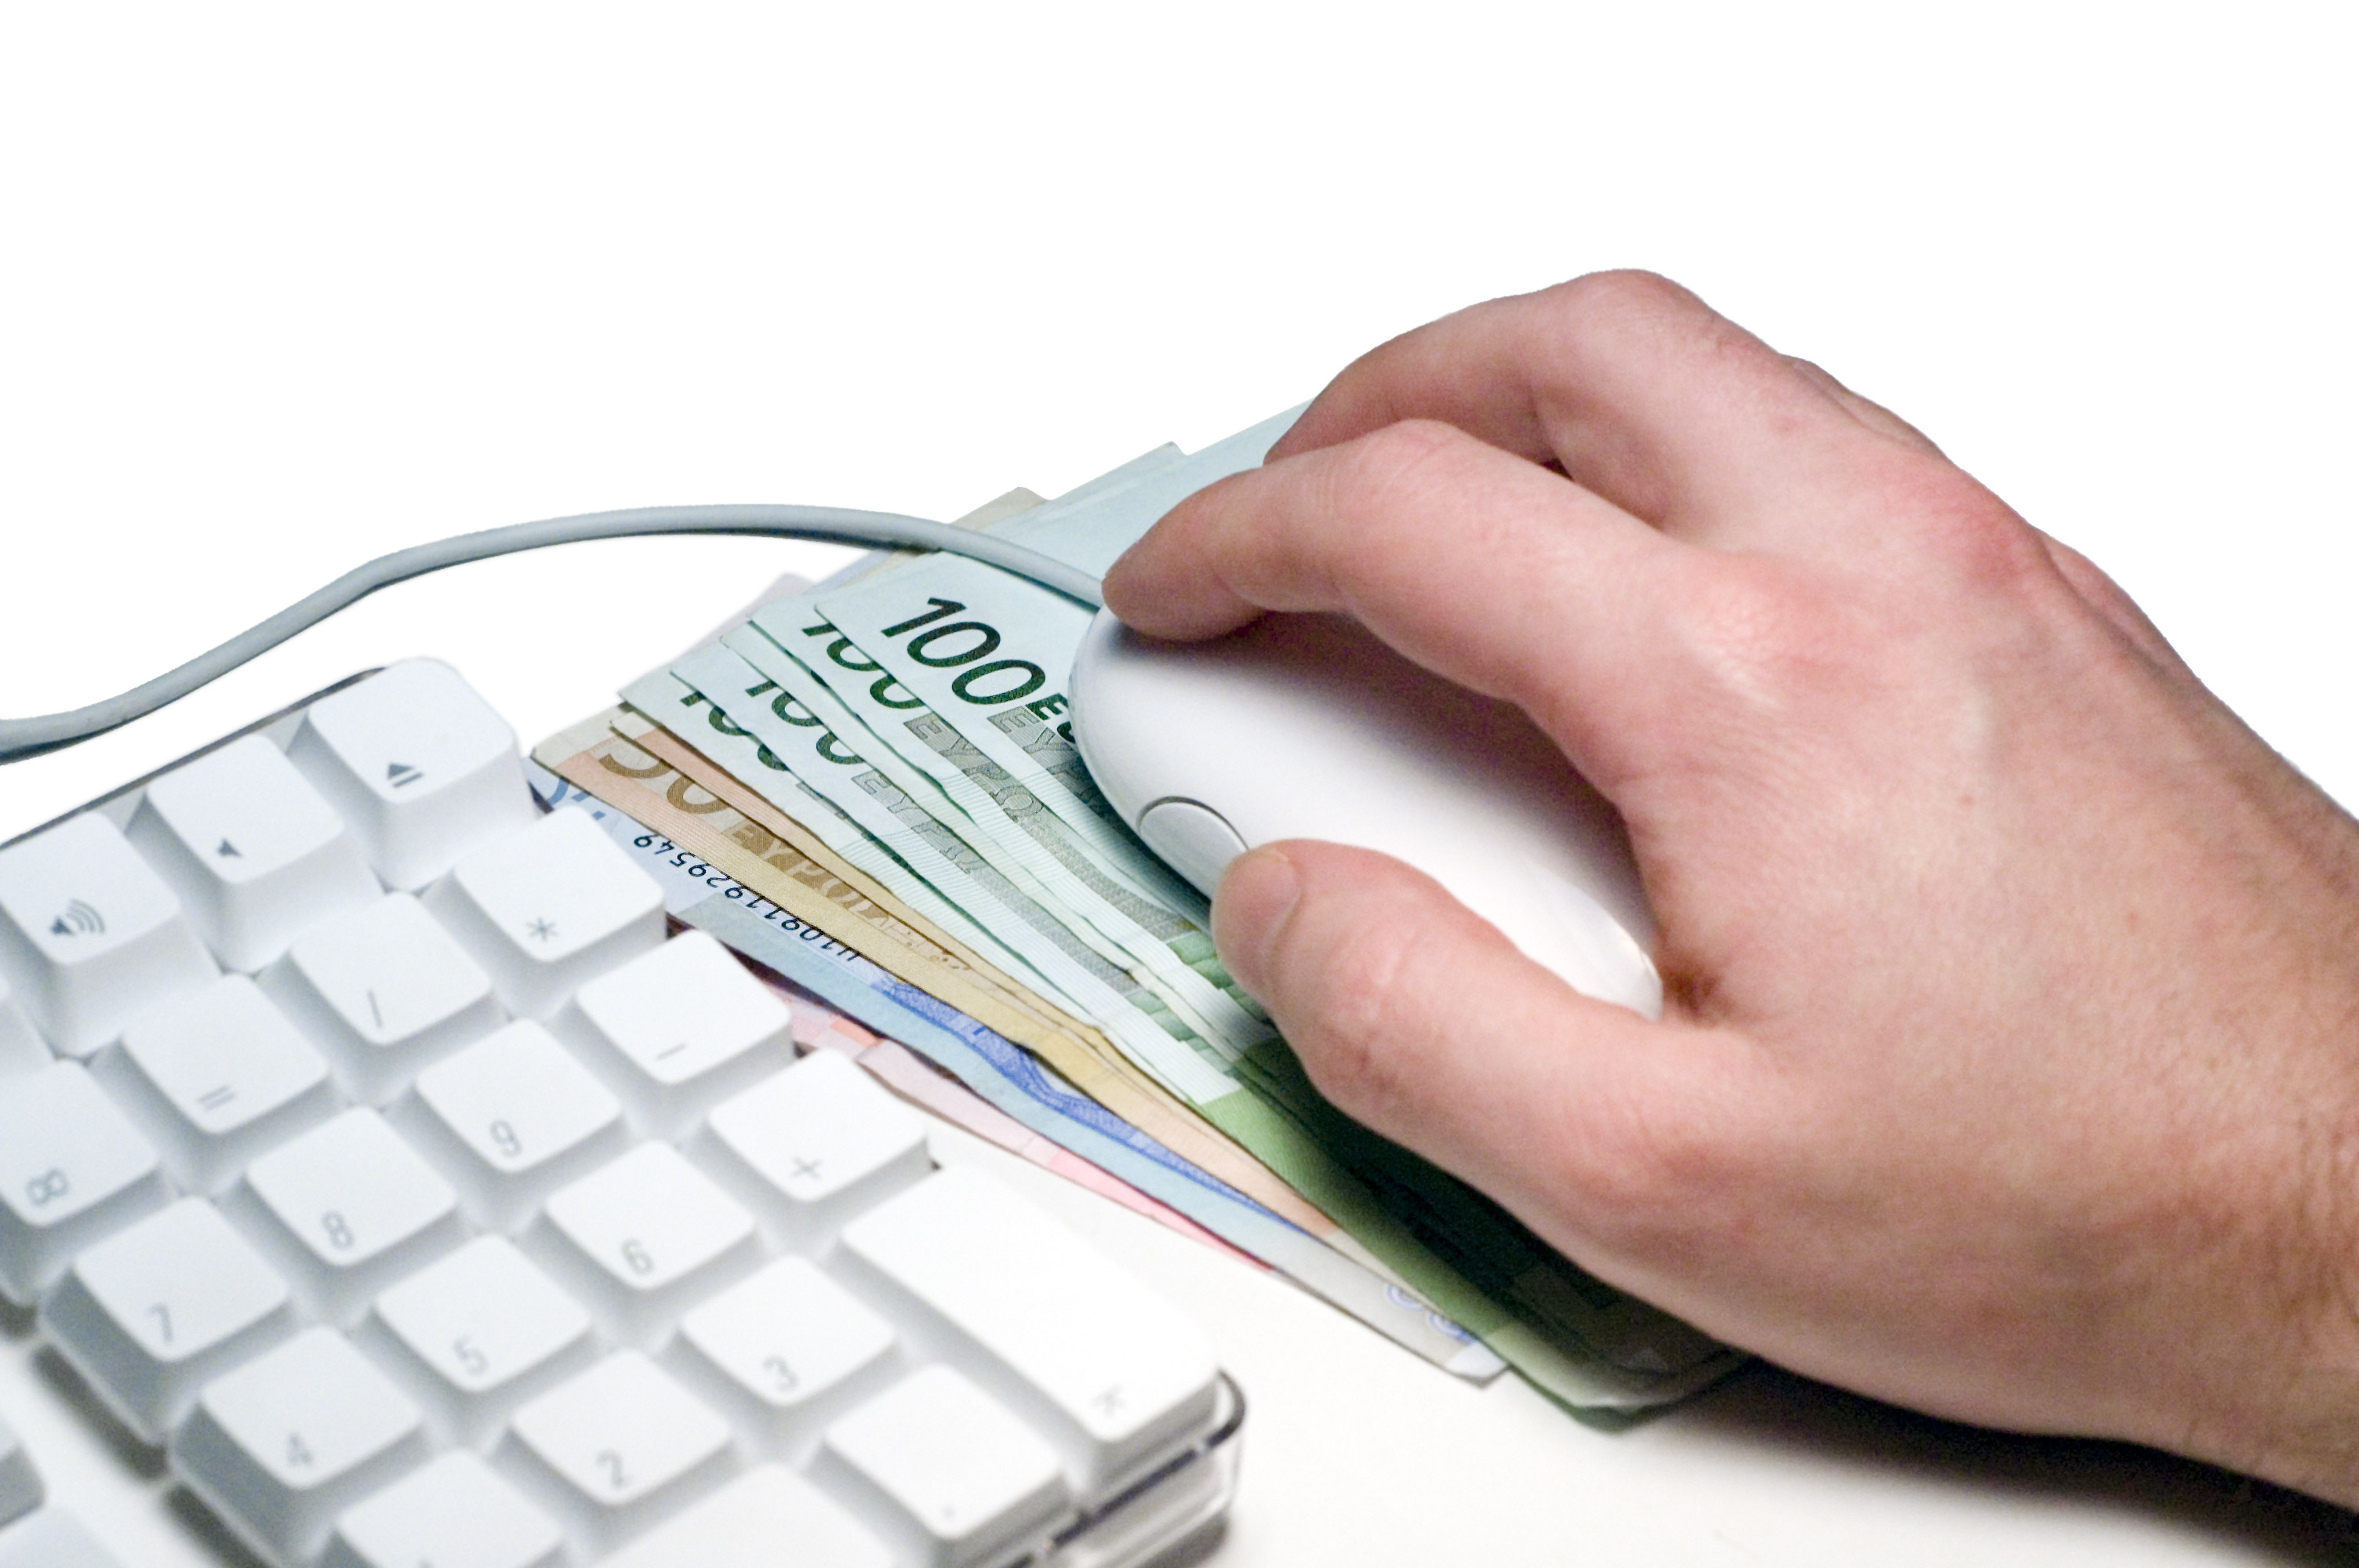 [Banque] Premiers signes d'insatisfaction pour la Banque en ligne